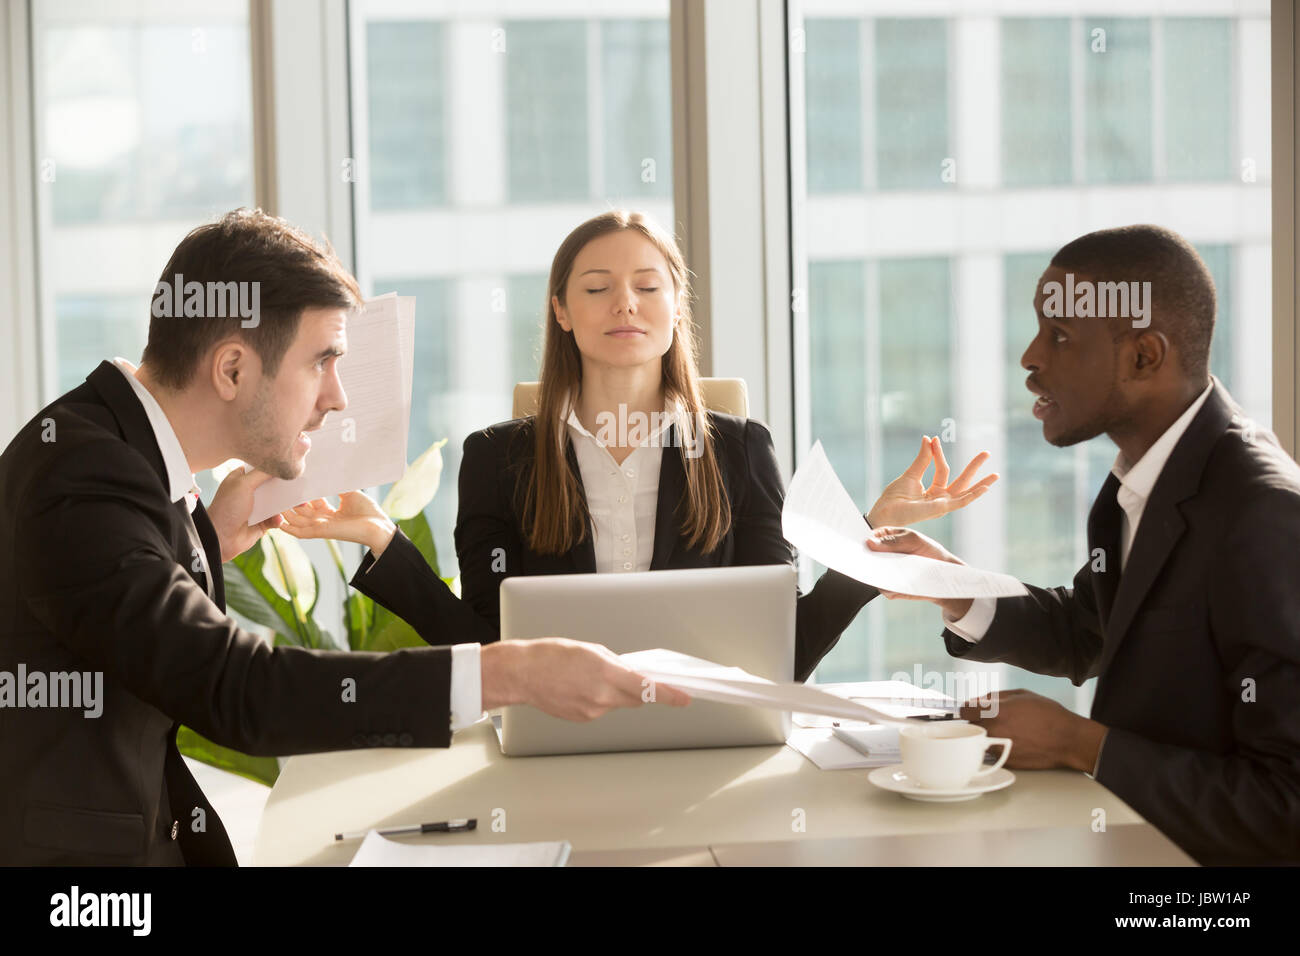 Attraktive Geschäftsfrau genießt während der Sitzung zu meditieren, sitzen am Schreibtisch mit Augen geschlossen Stockfoto